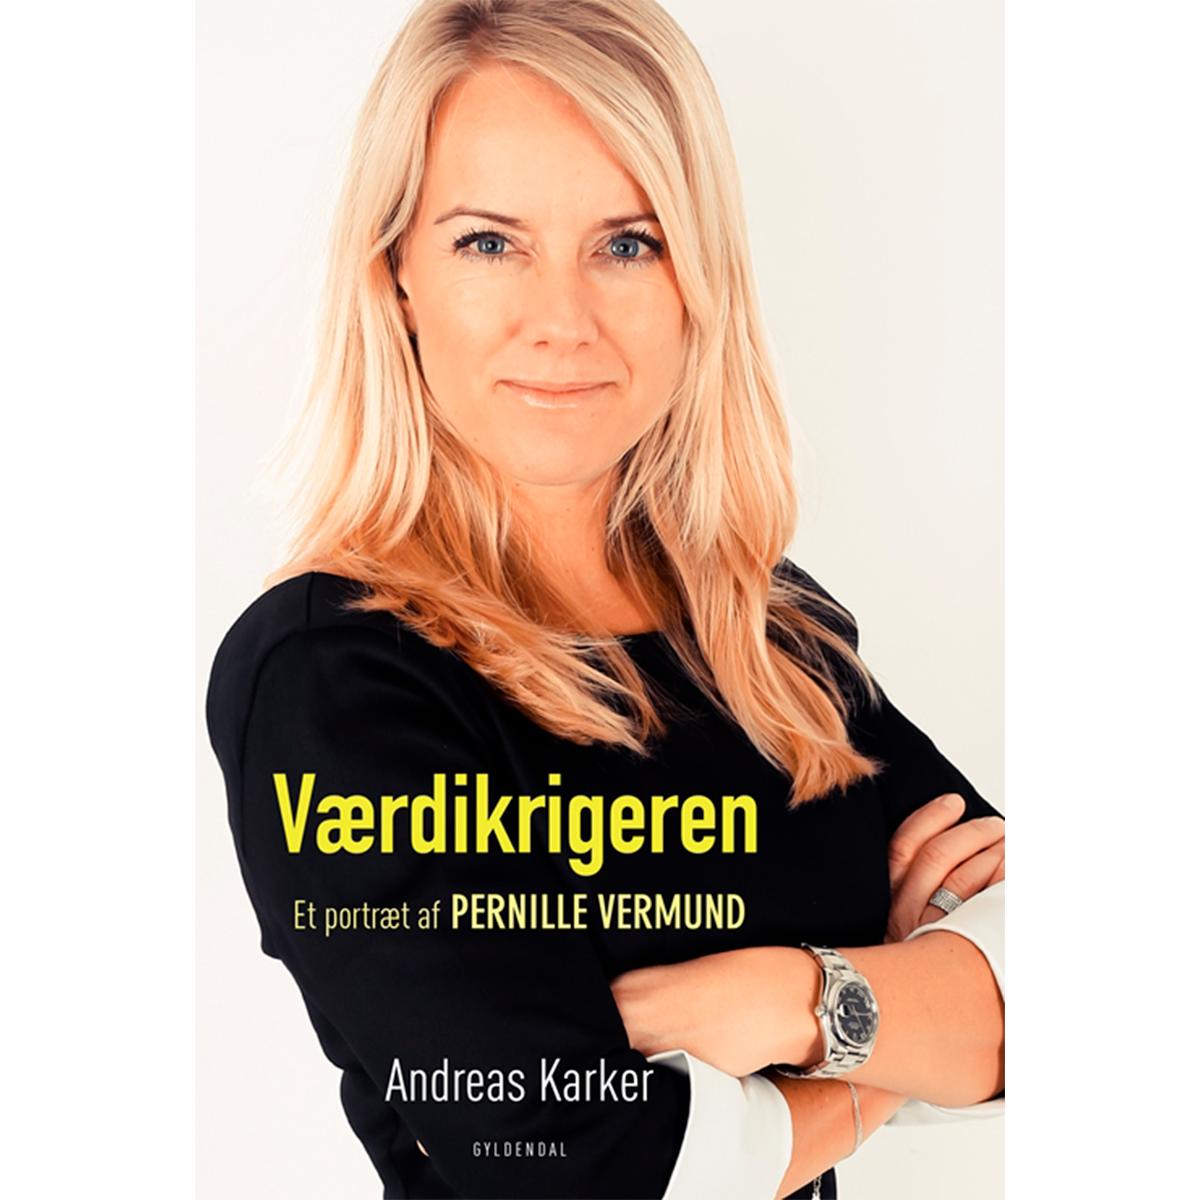 Værdikrigeren - Et portræt af Pernille Vermund - Hæftet